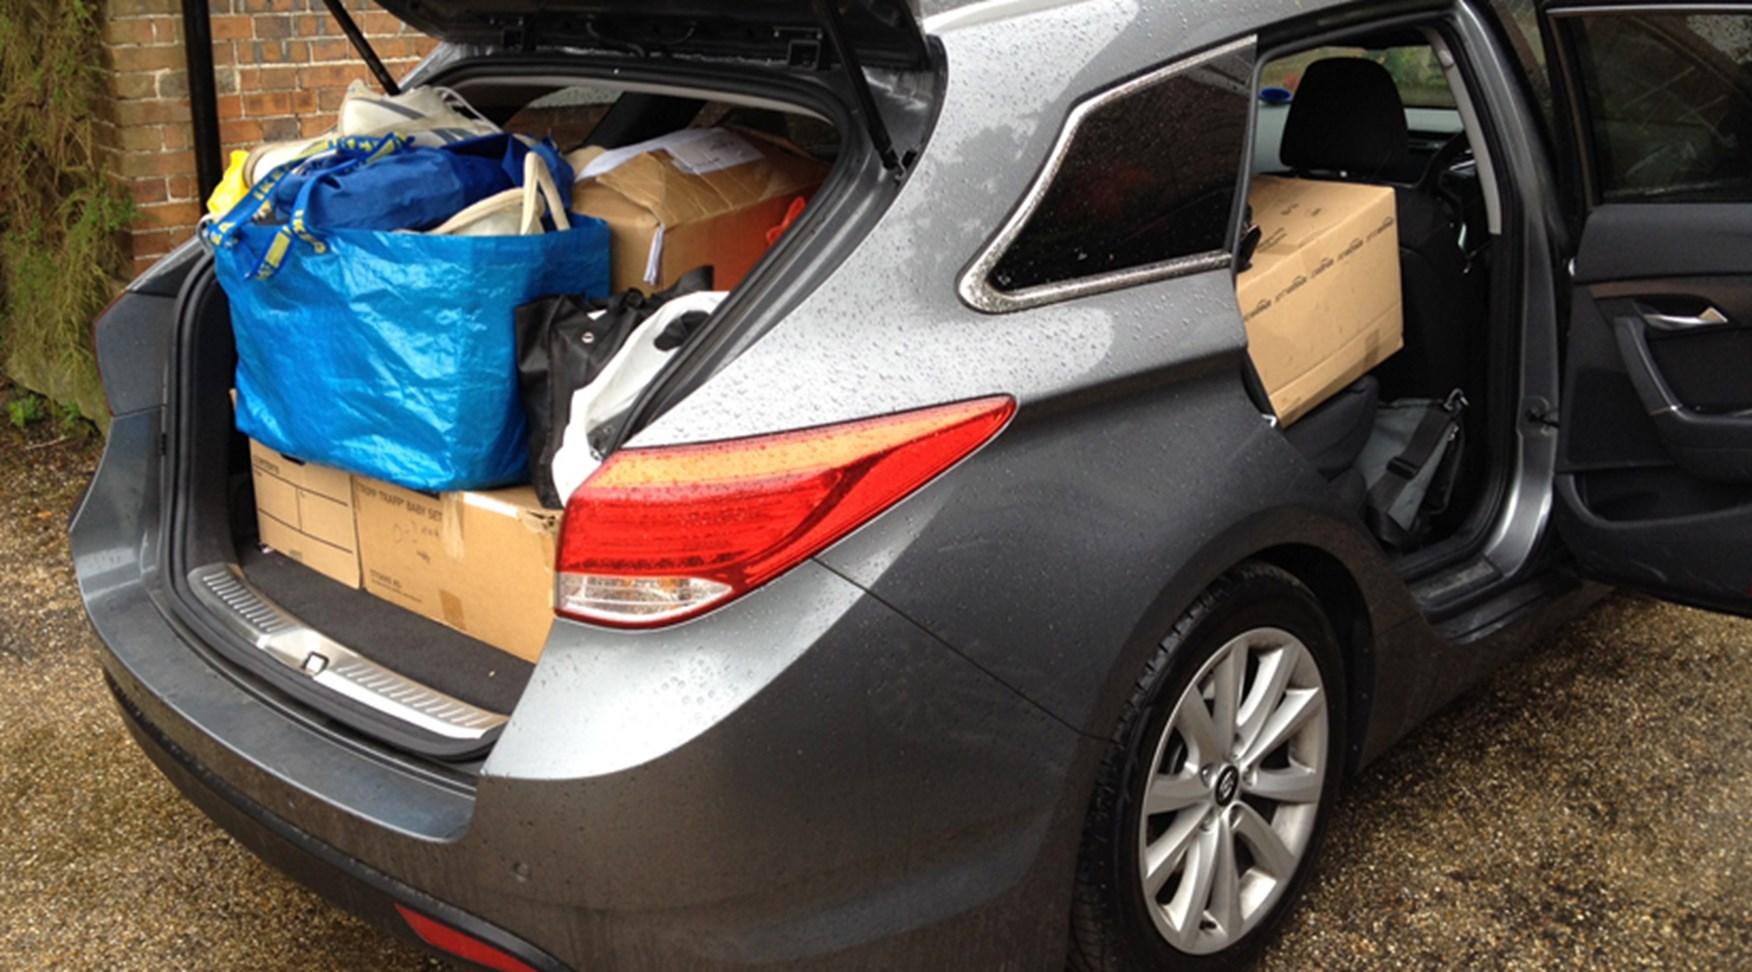 hyundai i40 tourer 1.7 crdi (2012) long-term test review | car magazine